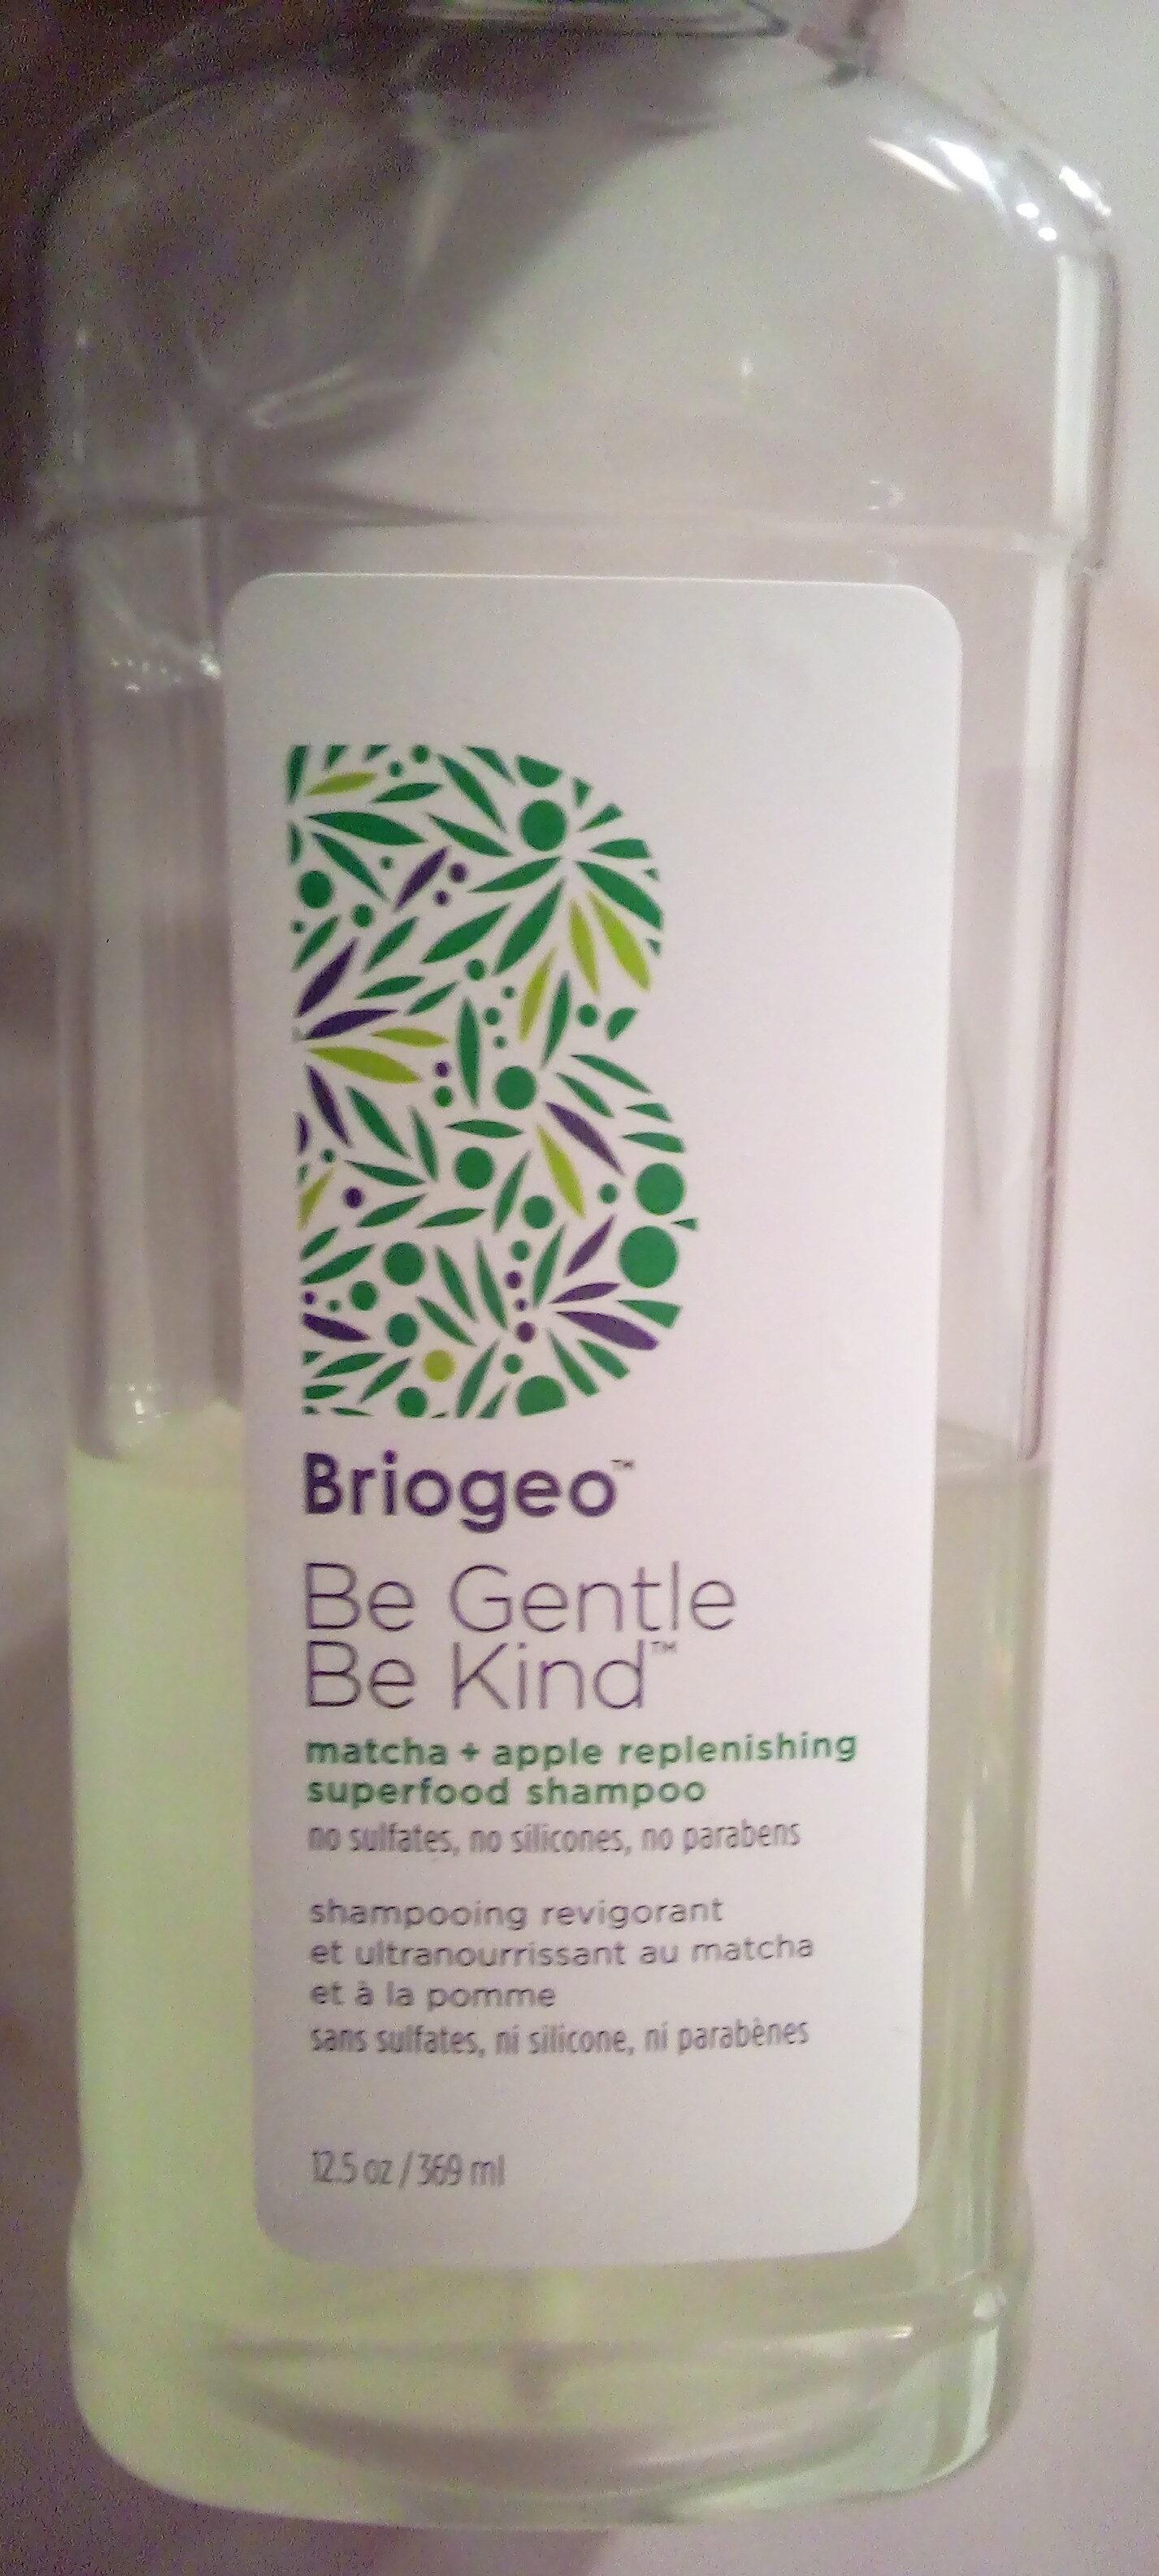 Shampooing revigorant et ultra nourrissant au matcha et à la pomme - Product - fr